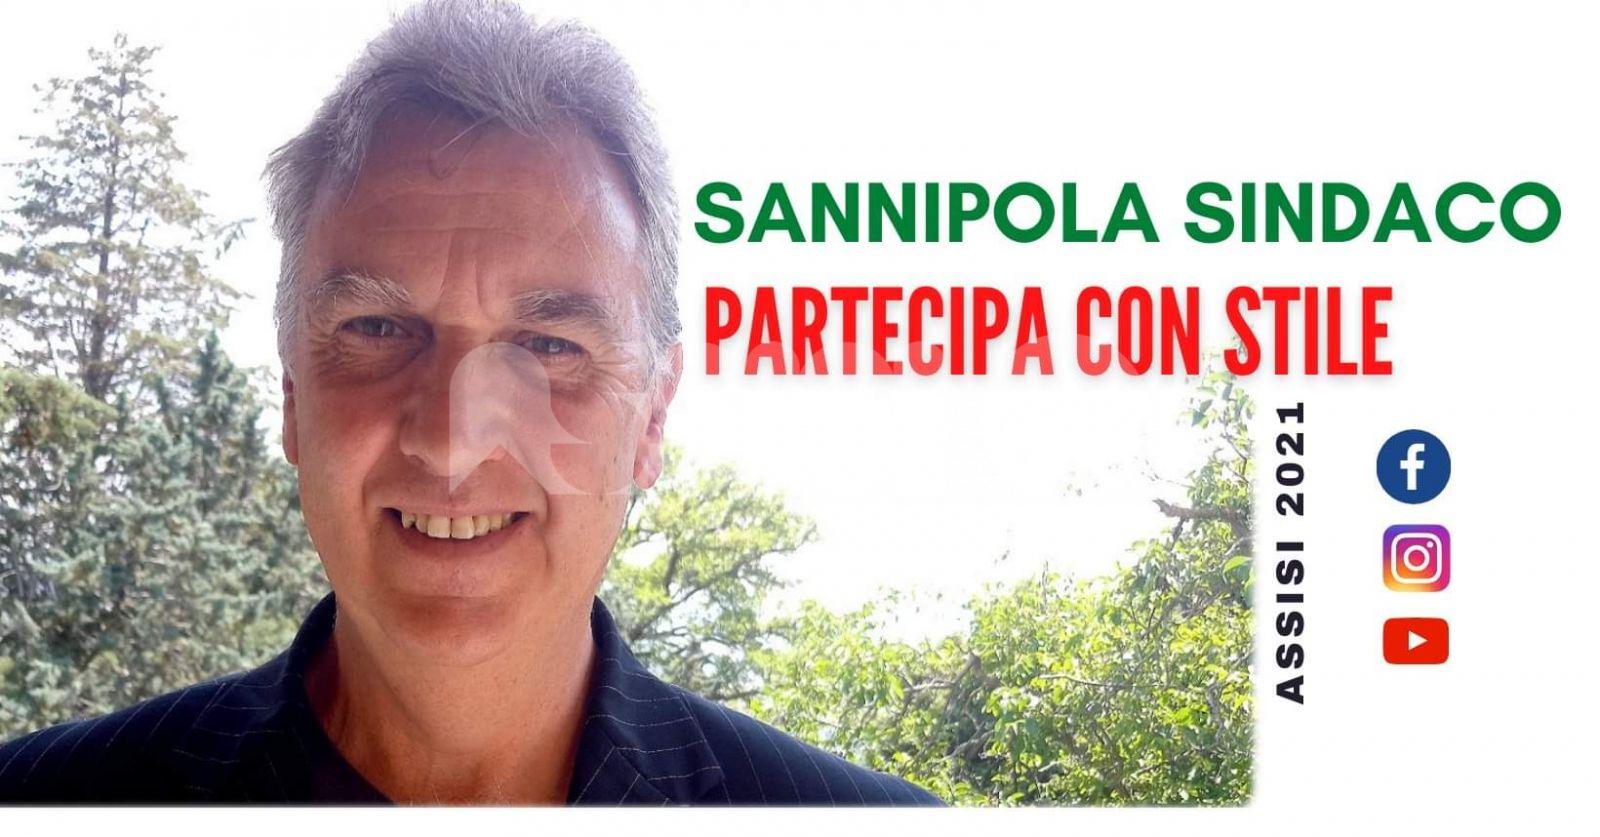 """Alternativa Riformista e Roberto Sannipola: """"I nostri punti programmatici"""""""